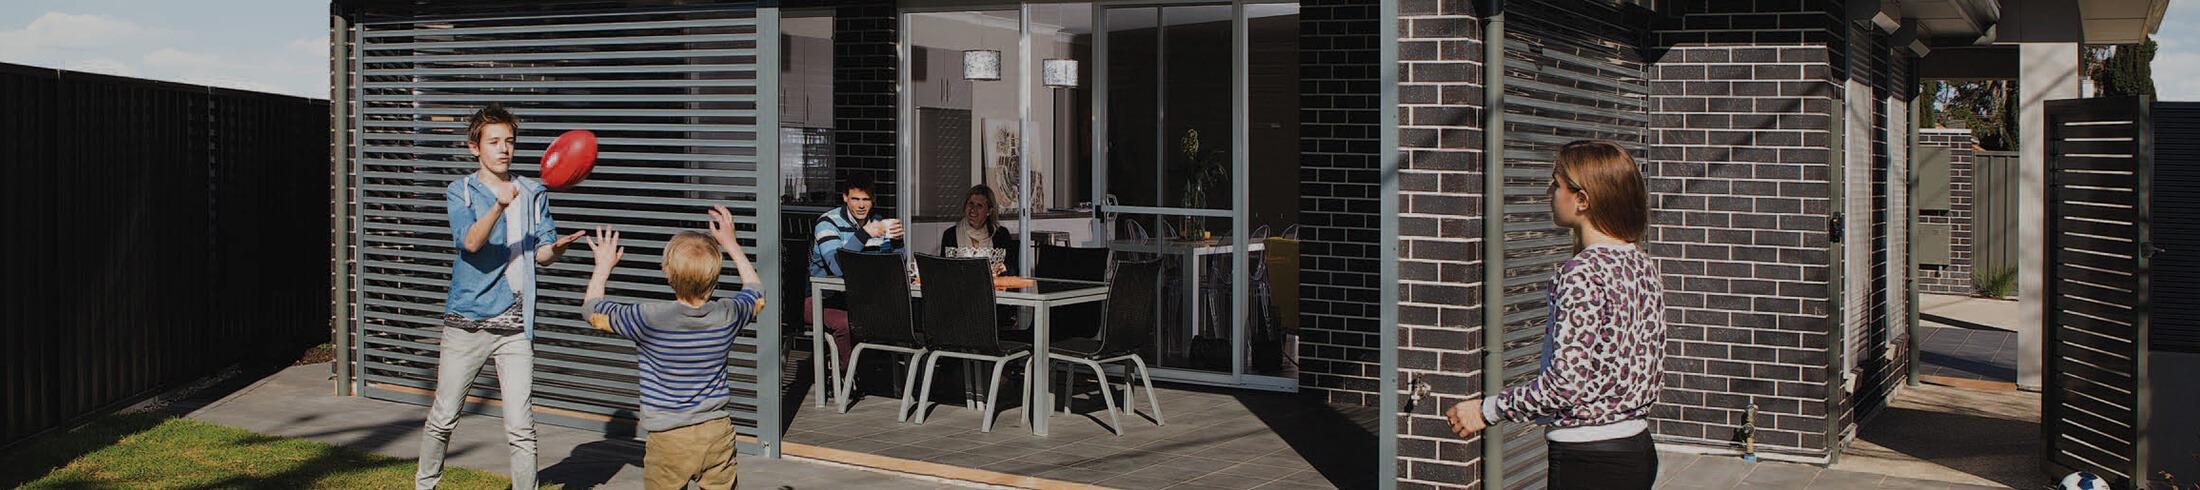 outdoor shutters easyview 01